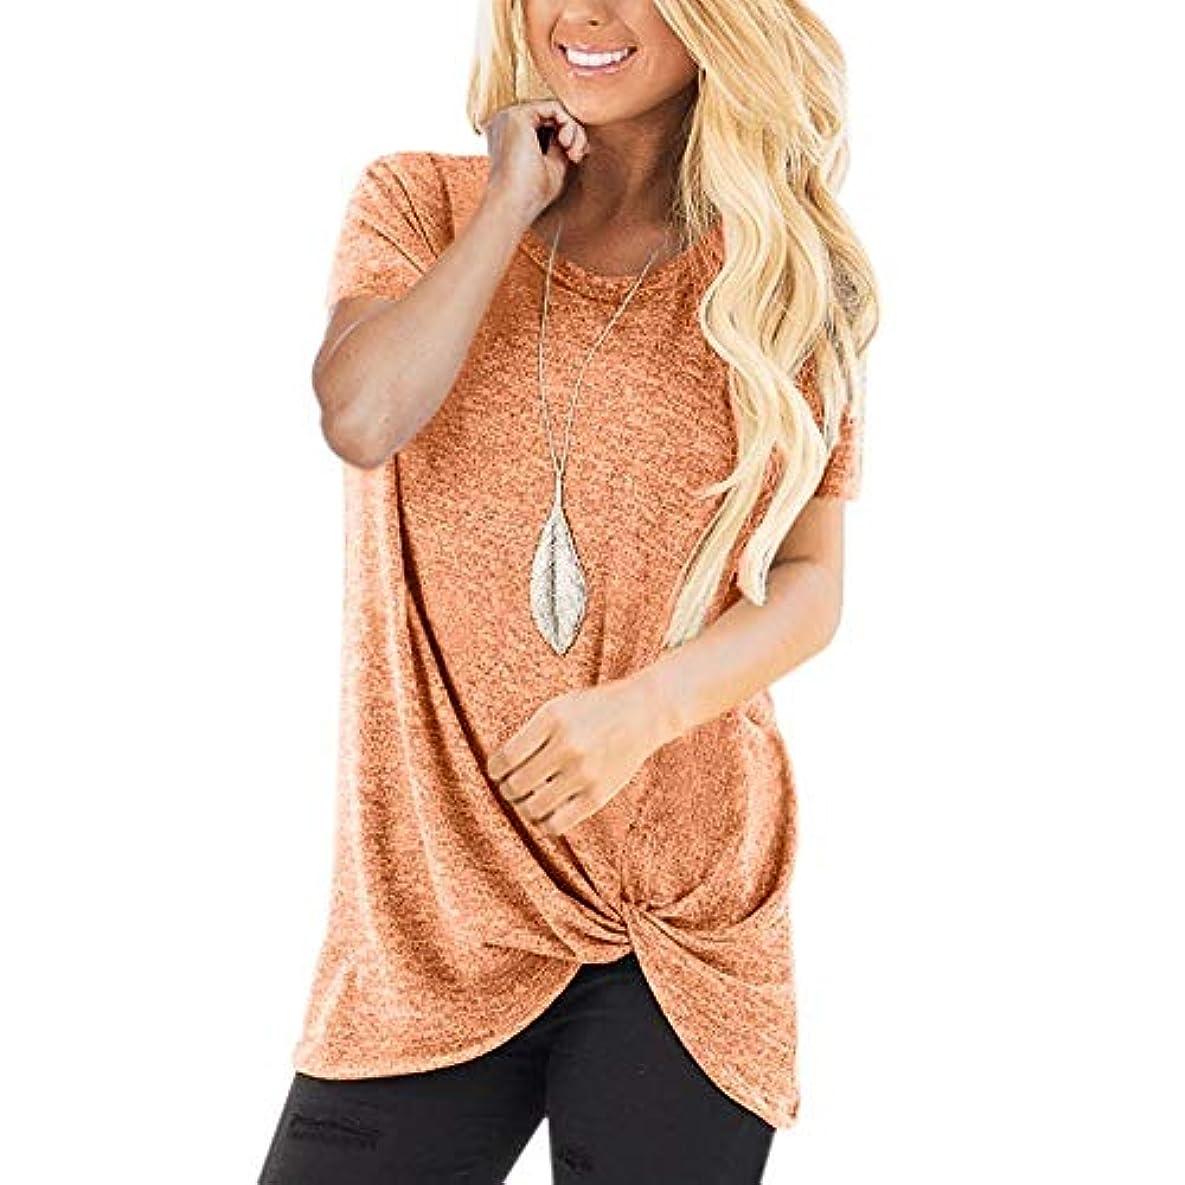 ピック断線残りMIFAN コットンTシャツ、カジュアルTシャツ、レディースブラウス、トップス&Tシャツ、プラスサイズ、ルーズtシャツ